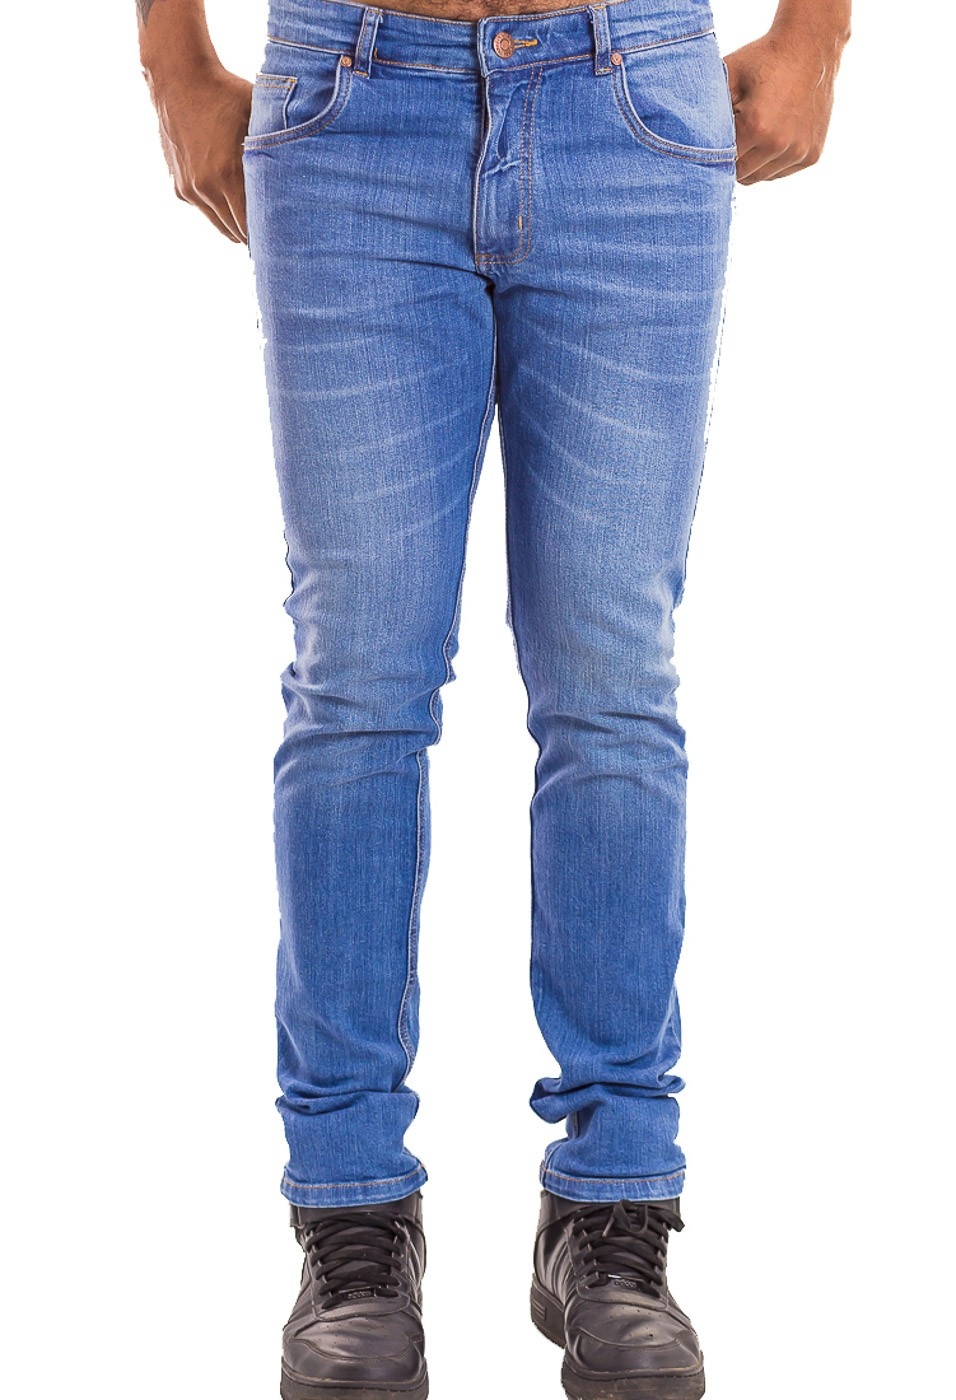 Calça Calvin Klein Jeans Masculina Skinny CKJ 016 Azul Medio